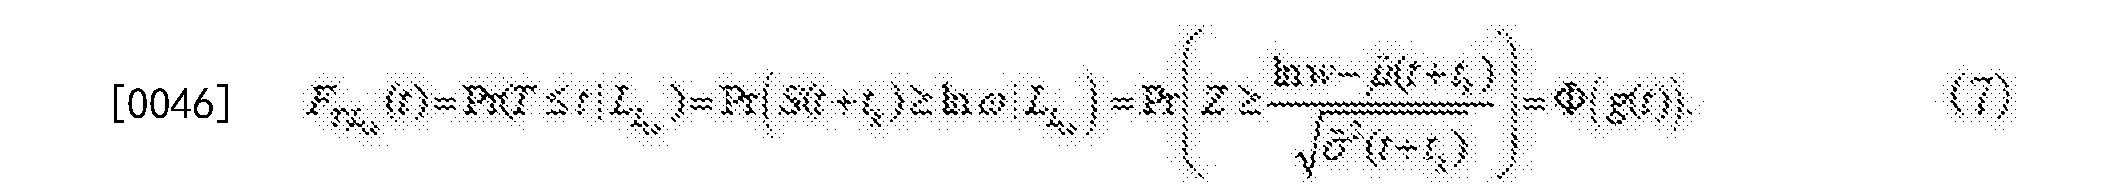 Figure CN104573881BD00103